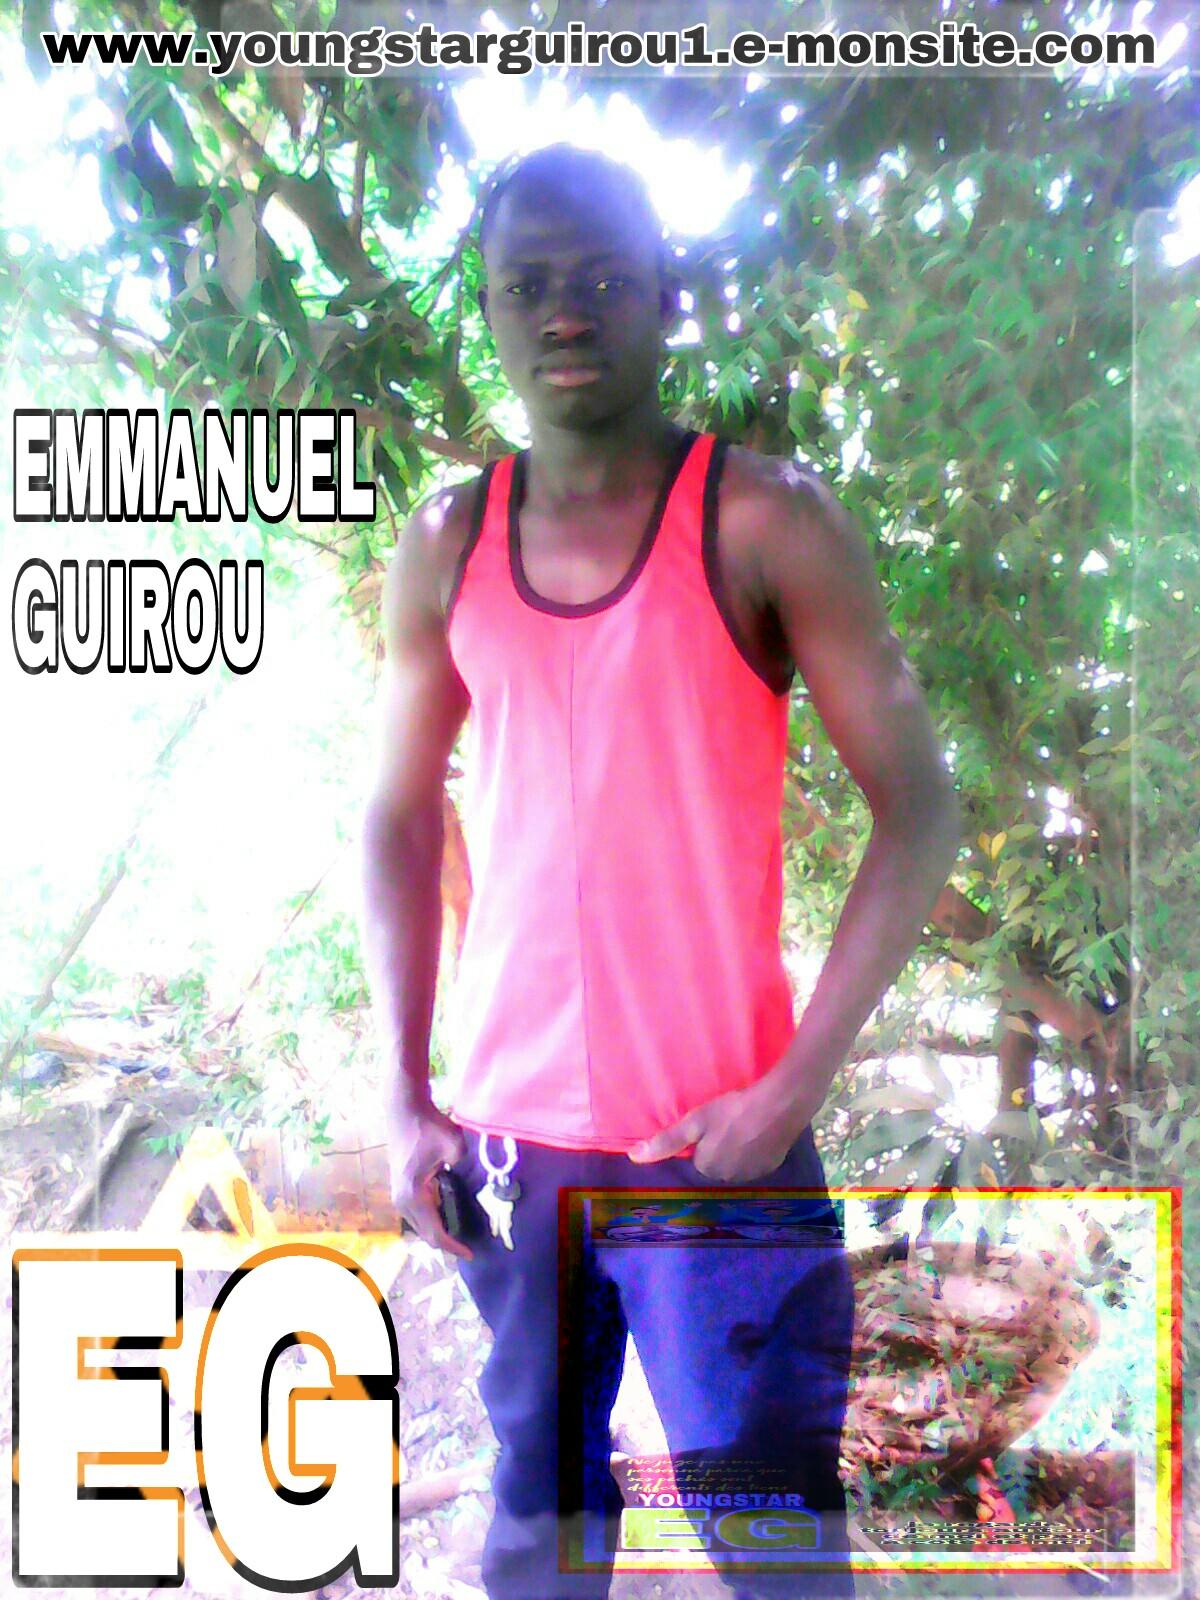 EG YOUNGSTAR JOURNAL